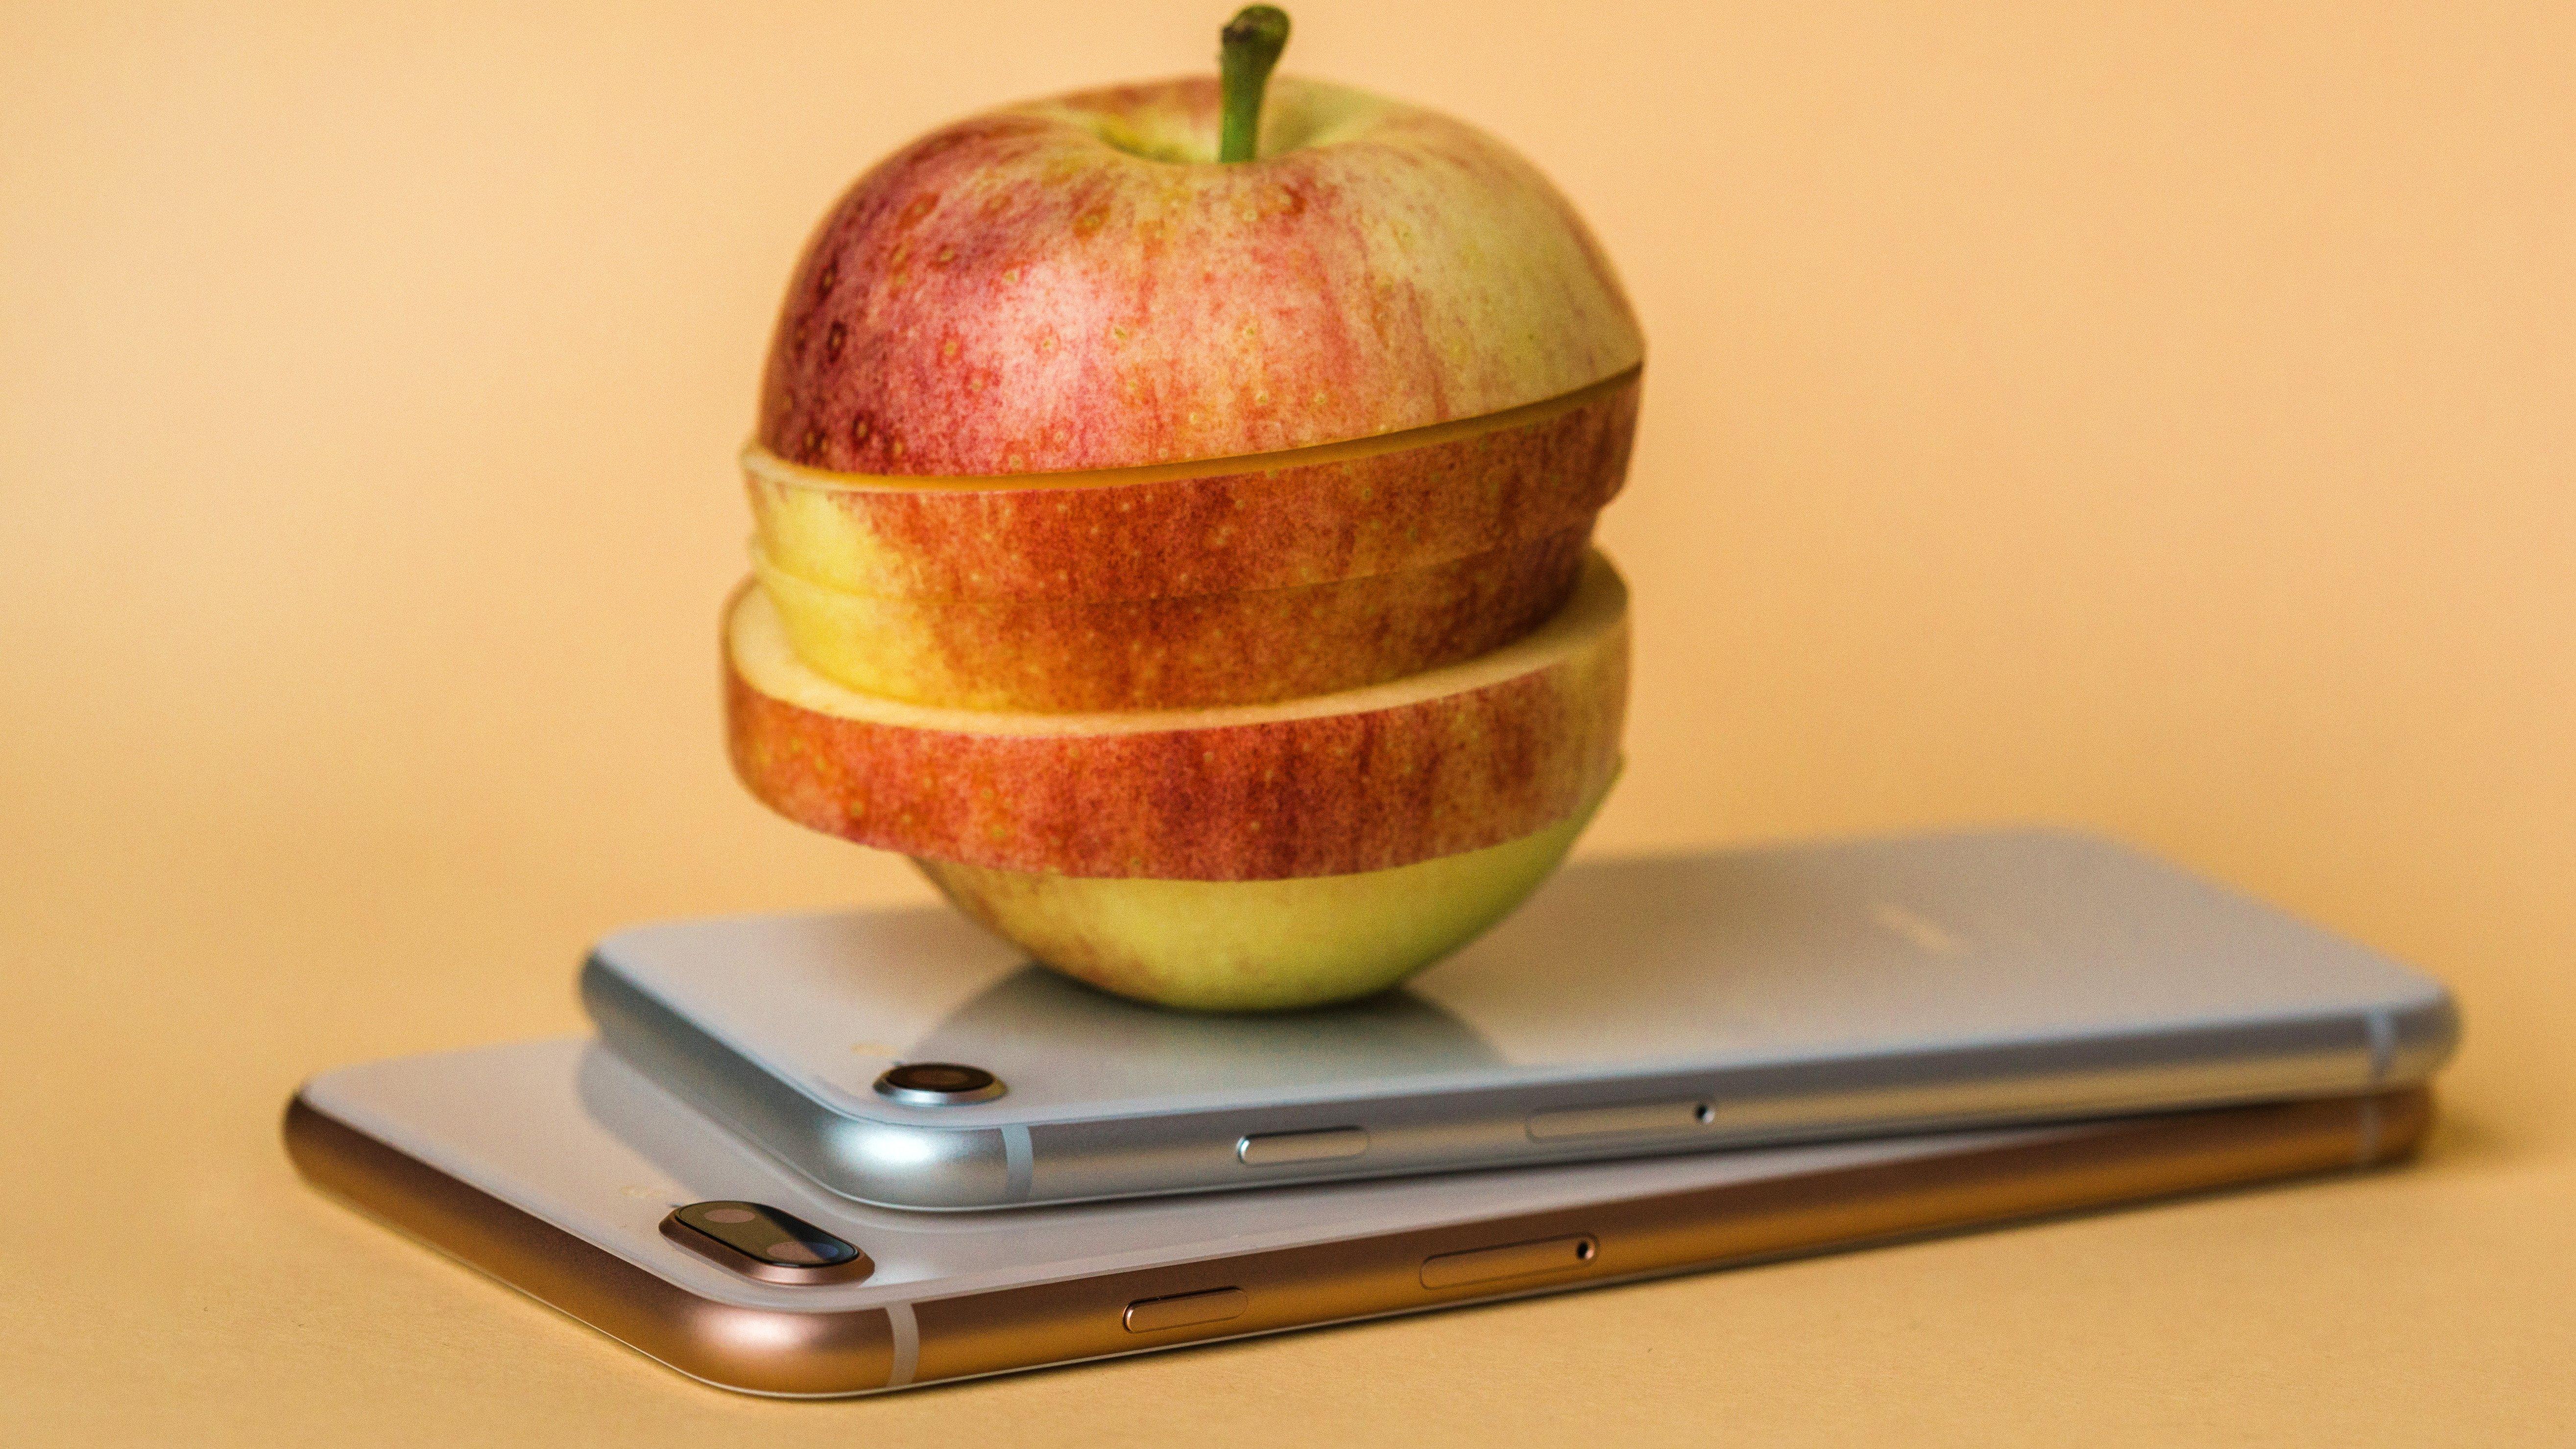 Apple könnte seinen Video-Streaming-Dienst im Frühjahr starten 1